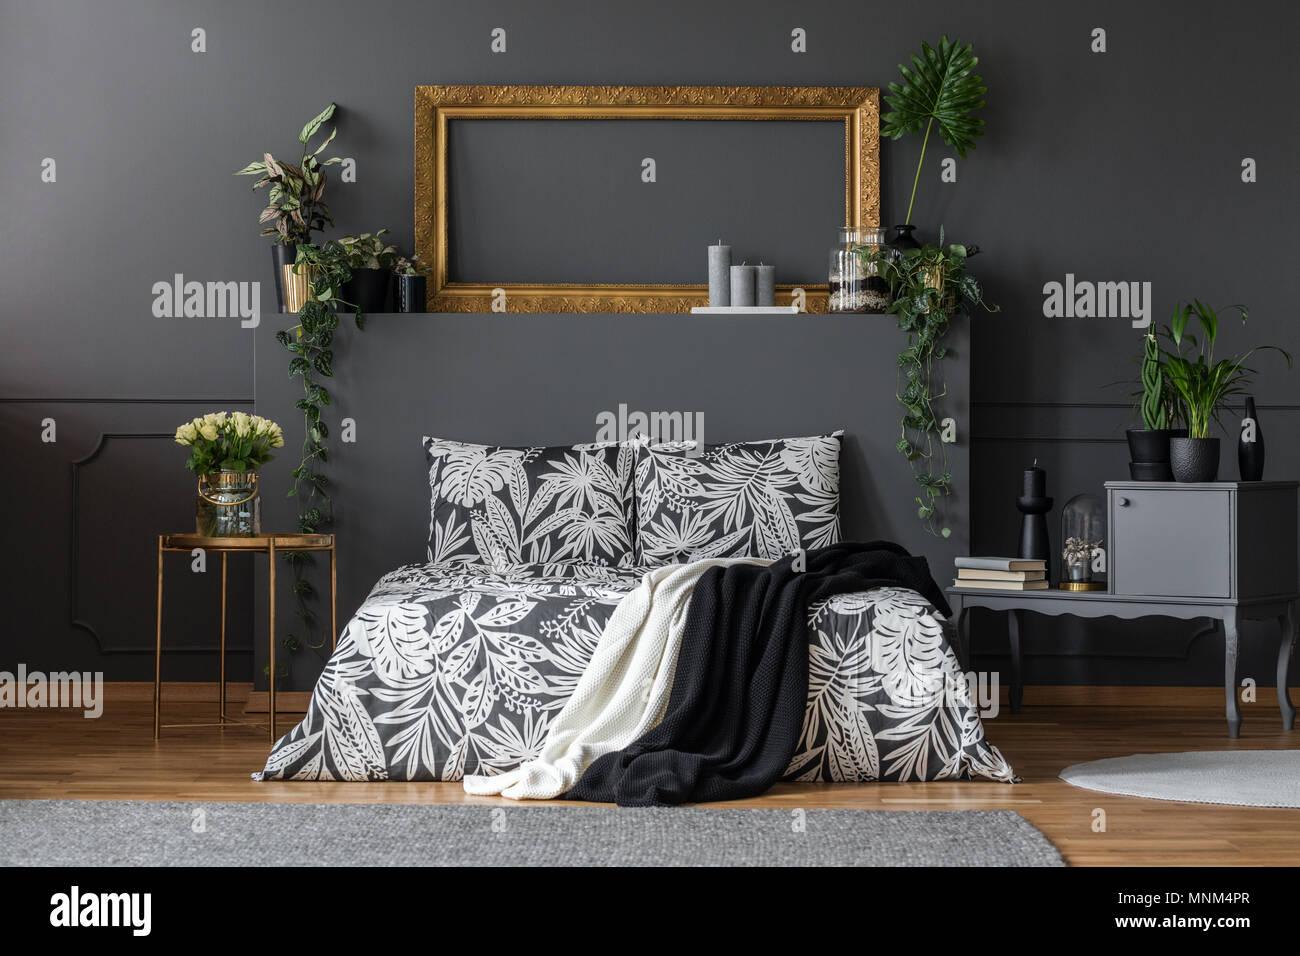 luxurise dunklen wohnung zimmer interieur mit einem gemtlichen doppelbett eleganten grauen mbeln gold dekorationen und pflanzen